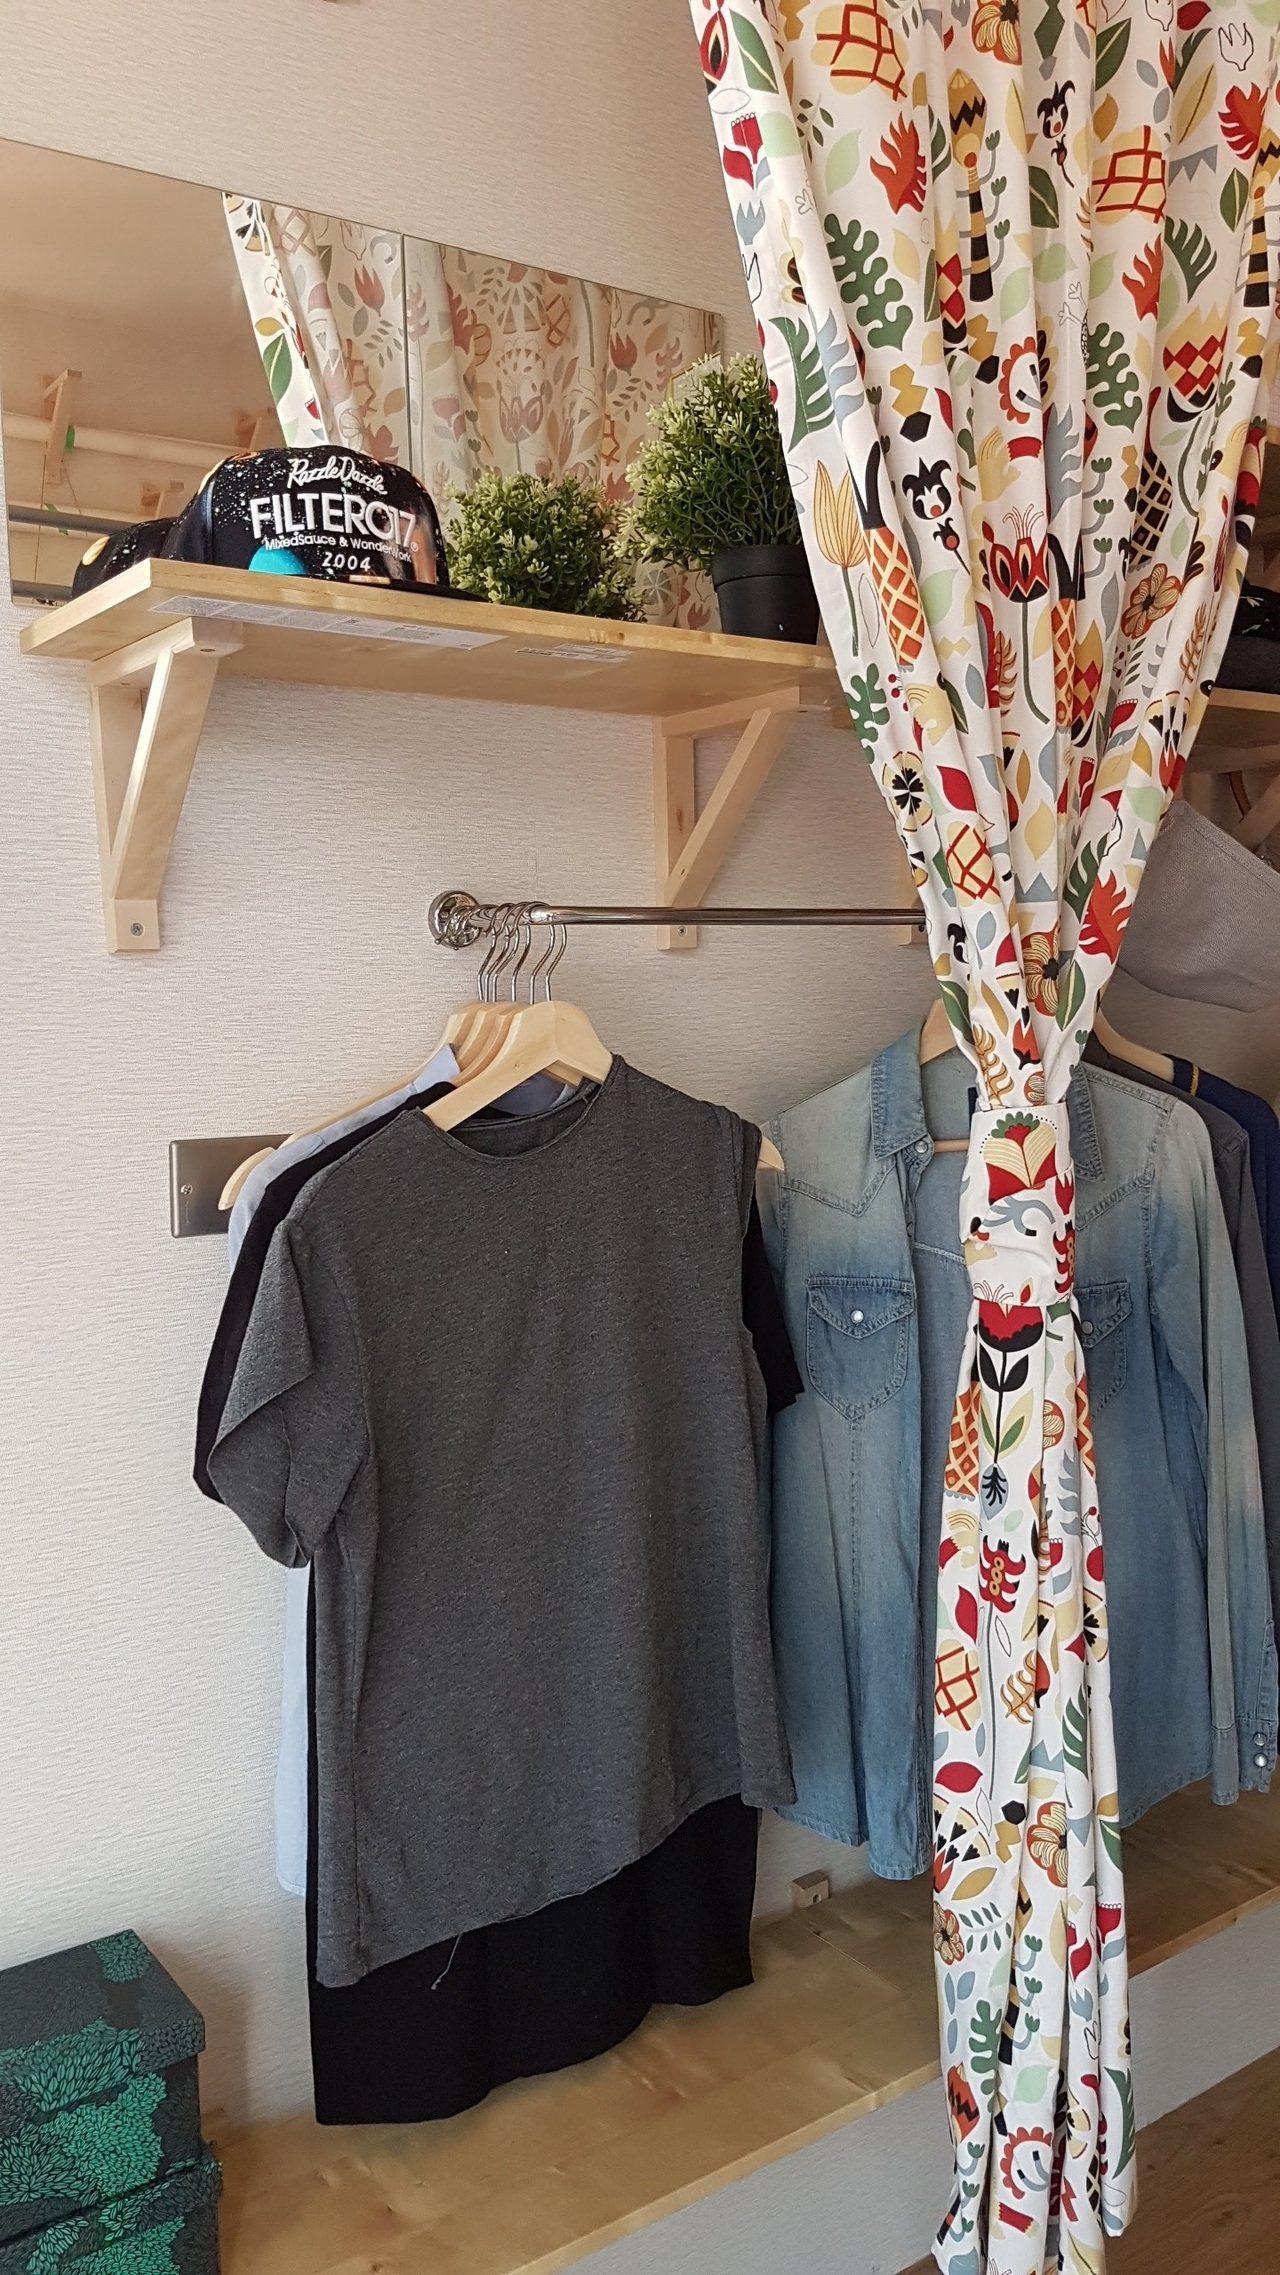 運用簡單的竿子搭配層架,再用窗簾當作美化也能有衣櫥的功用。記者王韶憶/攝影